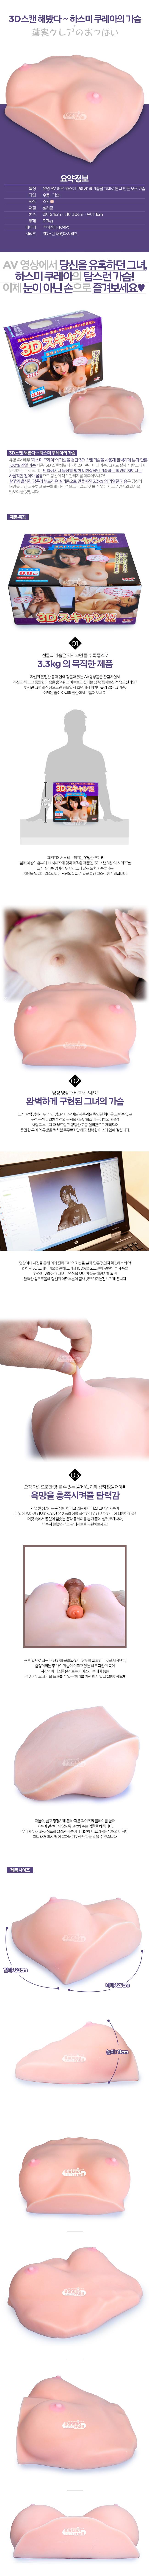 [일본 직수입] 3D스캔 해봤다~하스미 쿠레아의 가슴(3Dスキャンしてみた 蓮実クレアのおっぱい) - 케이엠피